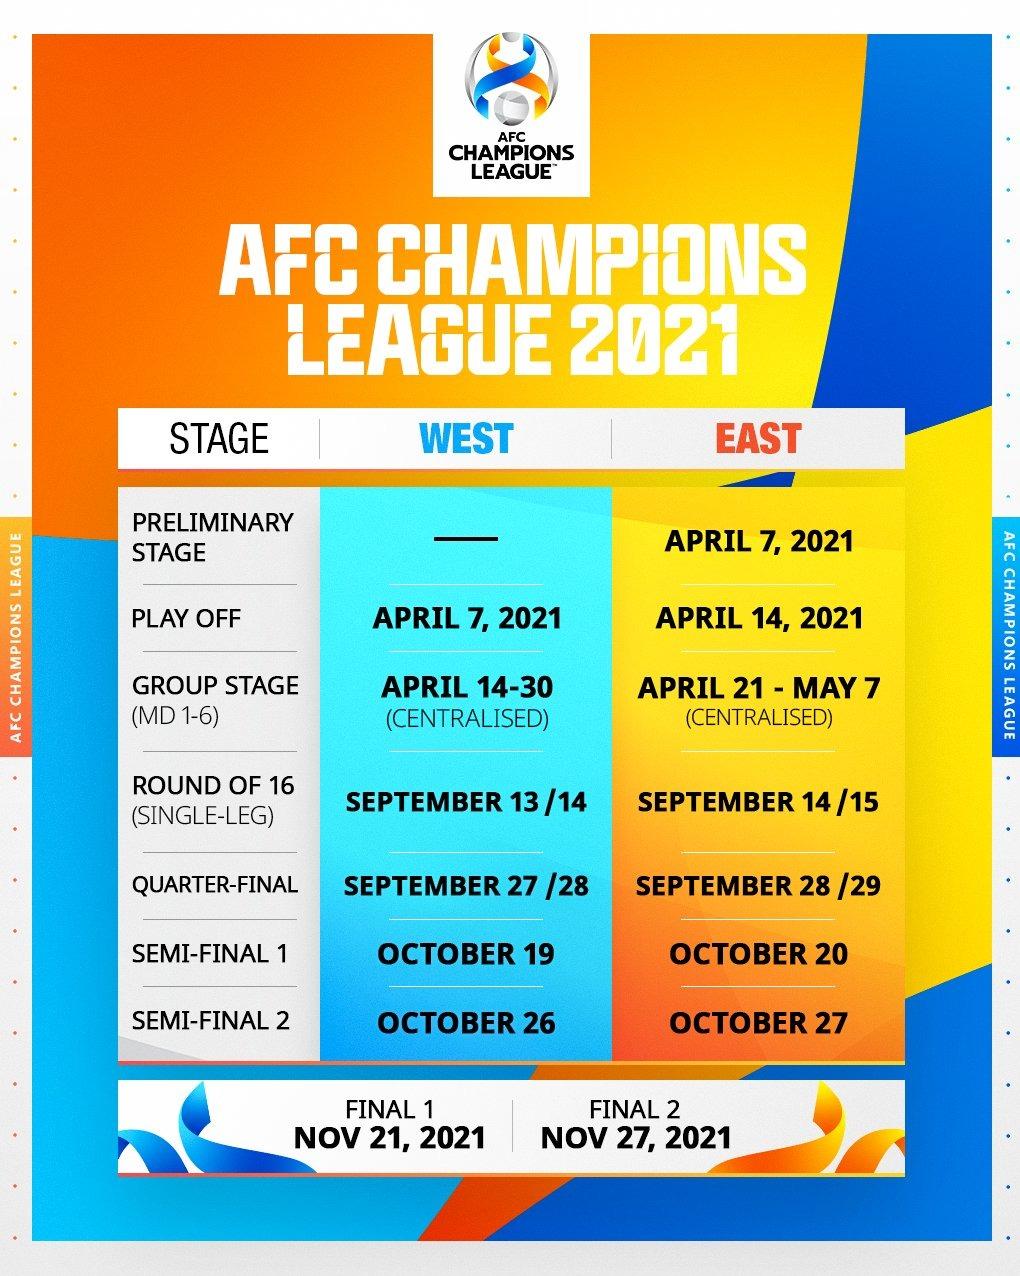 رسما مرحله گروهی لیگ قهرمانان آسیا متمرکز شد/ جدول زمان بندی مسابقات + عکس